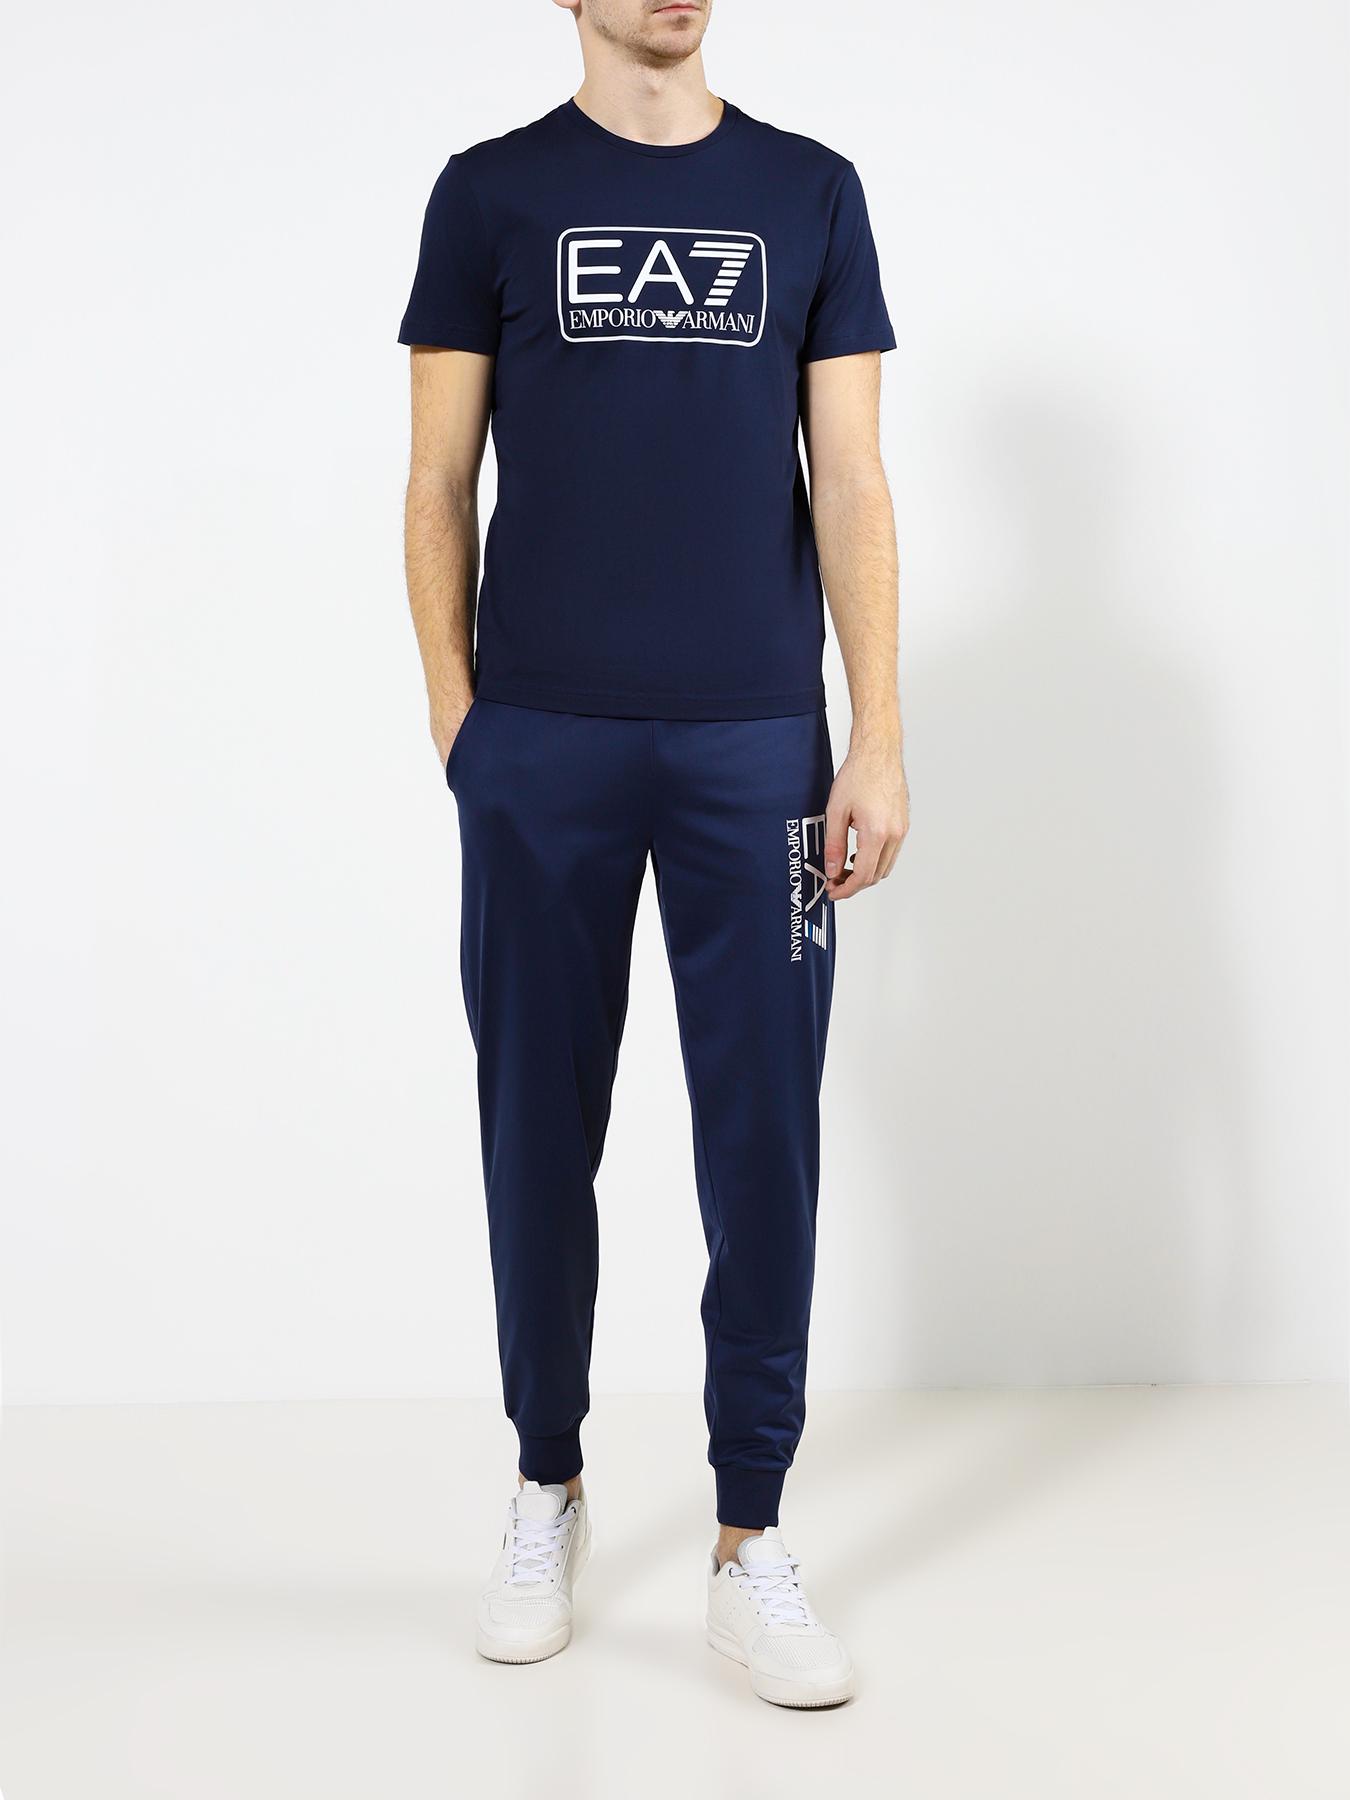 цена на Фуфайка (футболка) EA7 Emporio Armani Футболка